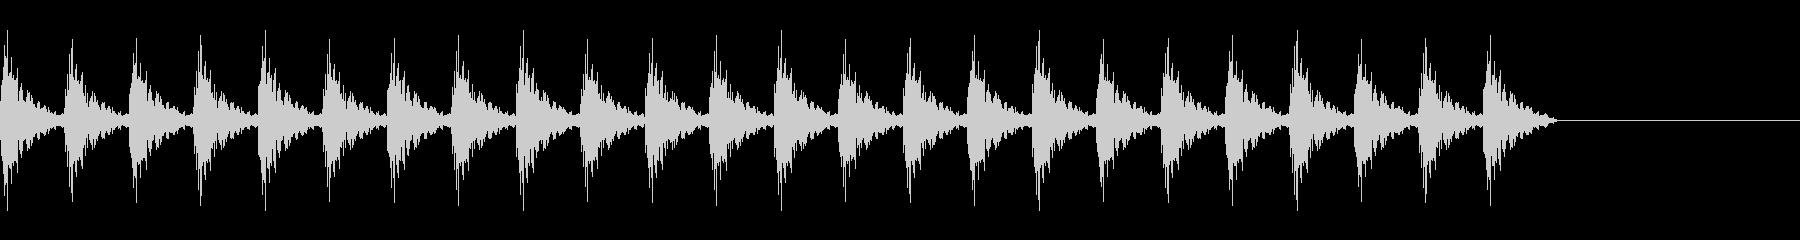 どどどど(巨人、走る)A24の未再生の波形